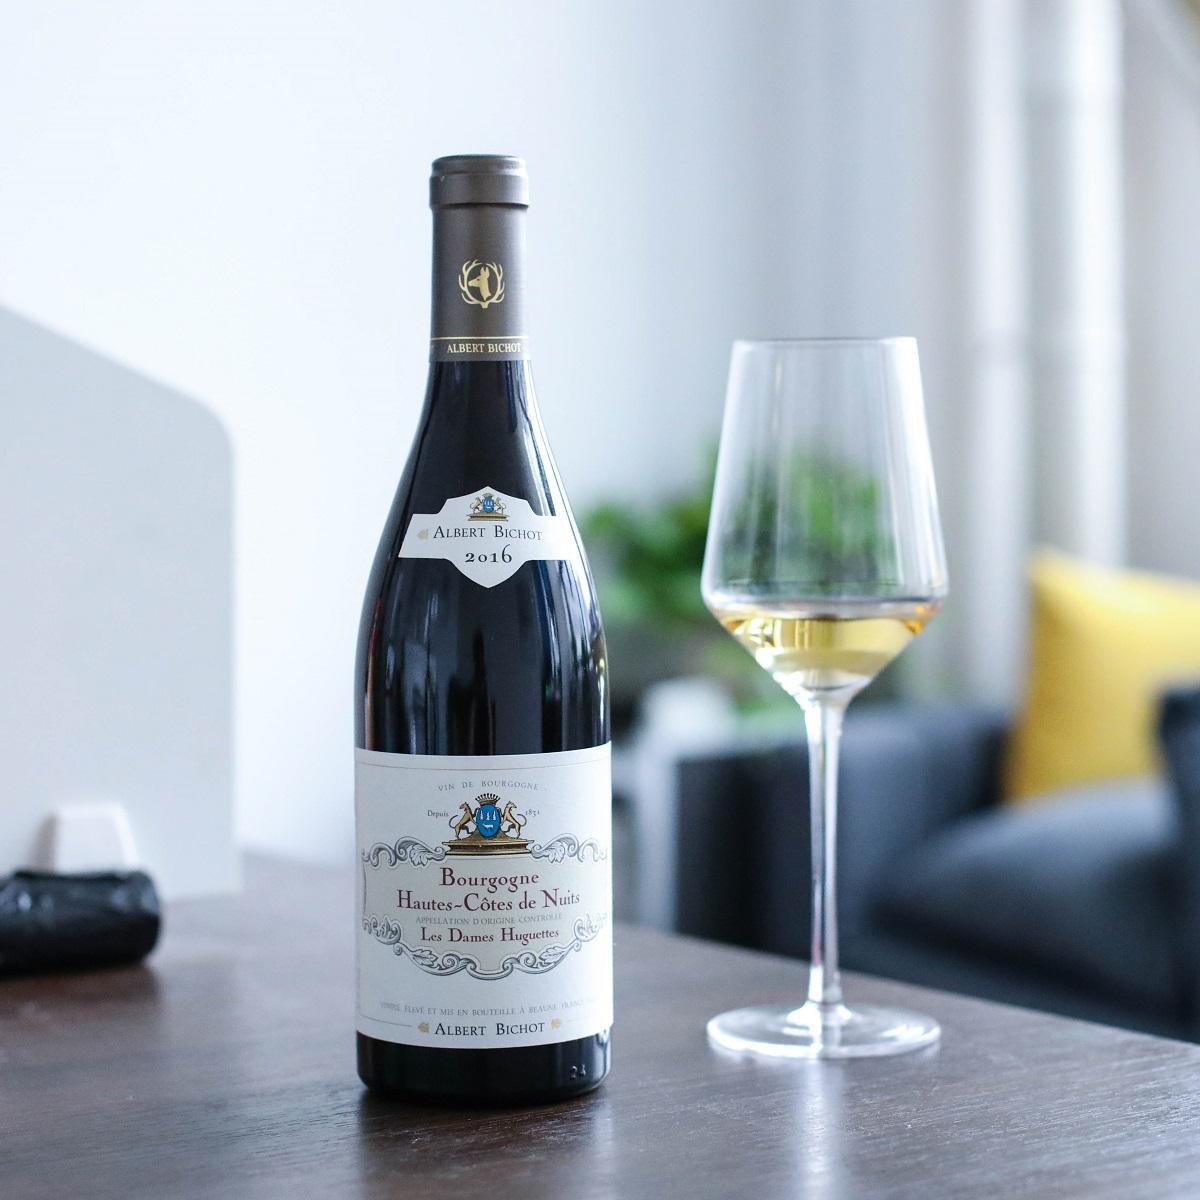 法国勃艮第阿尔伯特毕修黑皮诺上夜丘AOC干红葡萄酒